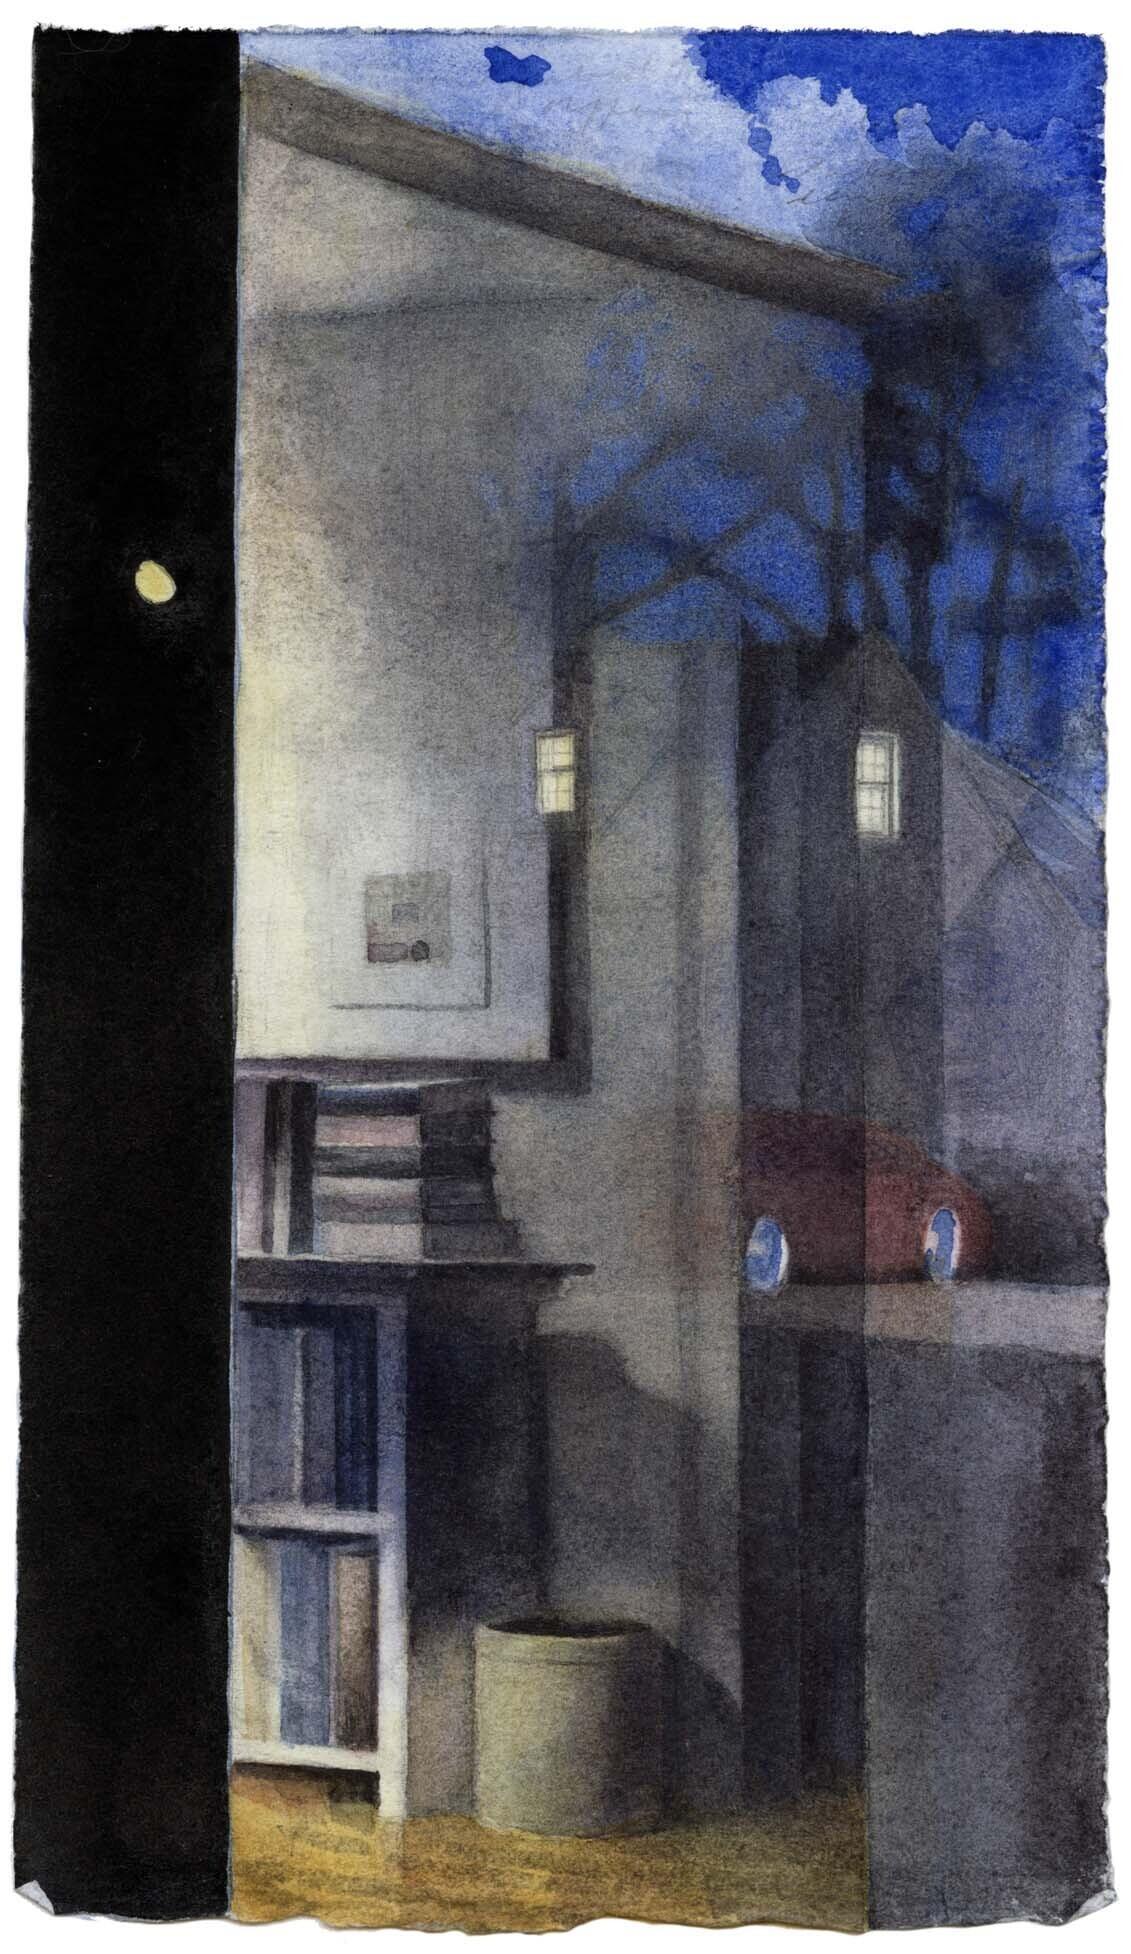 Gibbous Moon with Reflection I image